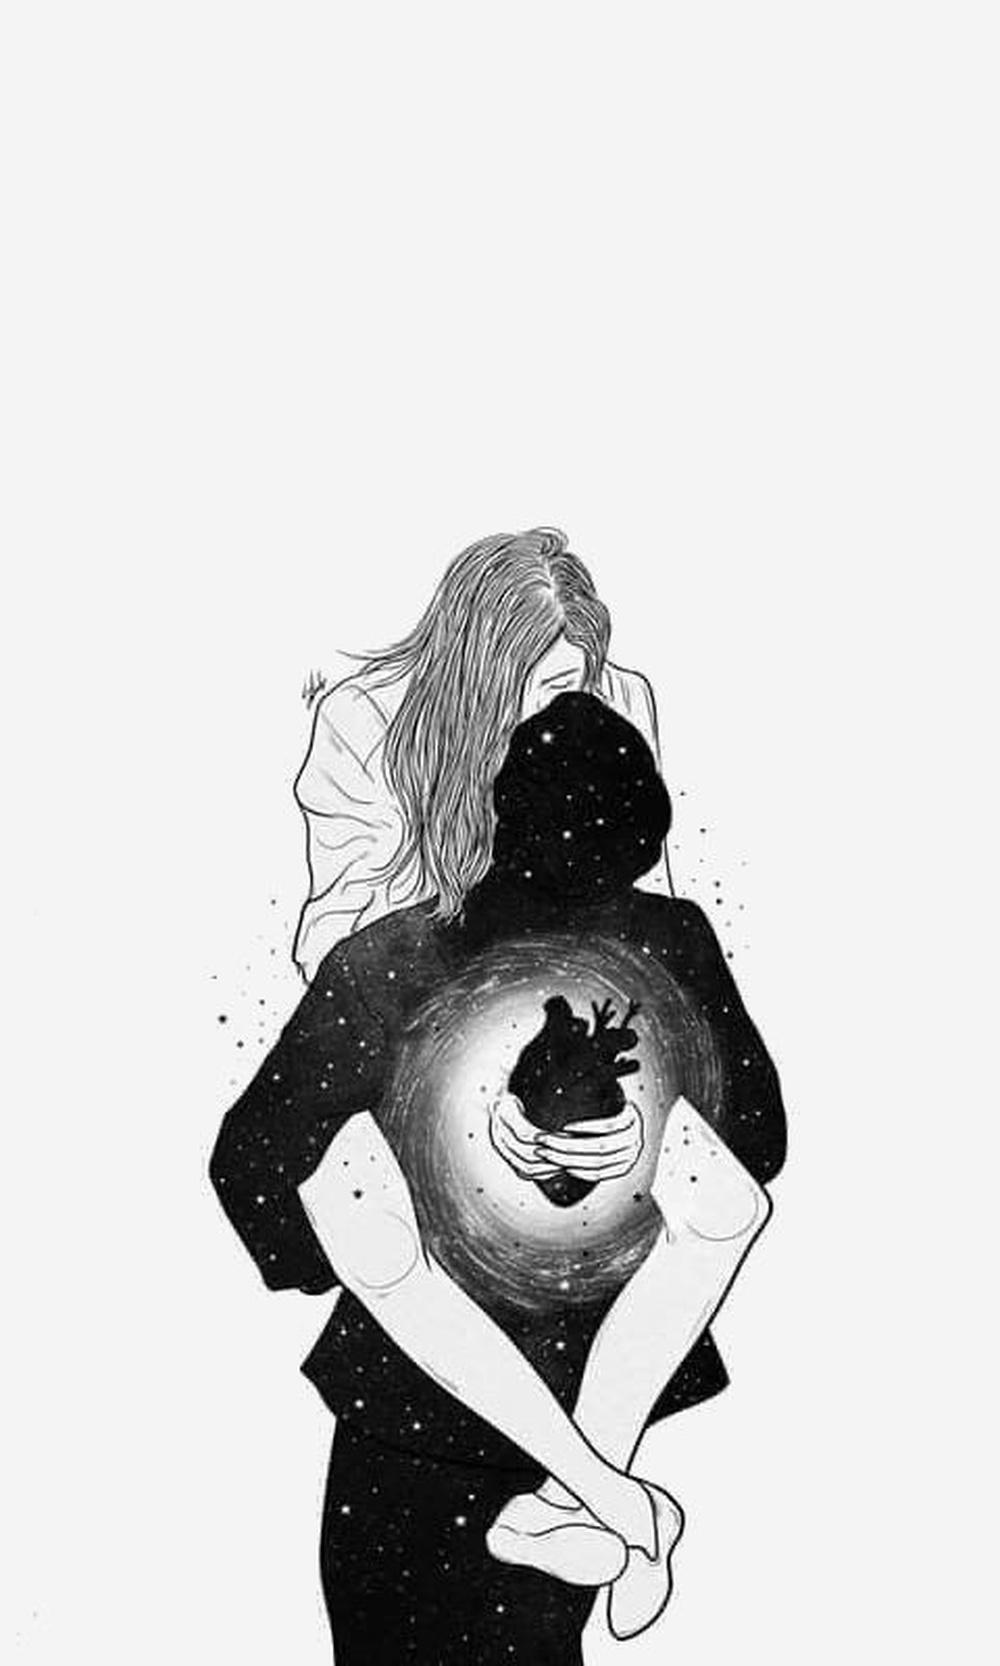 Dans sa jeunesse, un homme rêve de posséder le cœur de la femme qu'il aime ; plus tard, le sentiment qu'il possède le cœur d'une femme peut suffire à le faire tomber amoureux d'elle